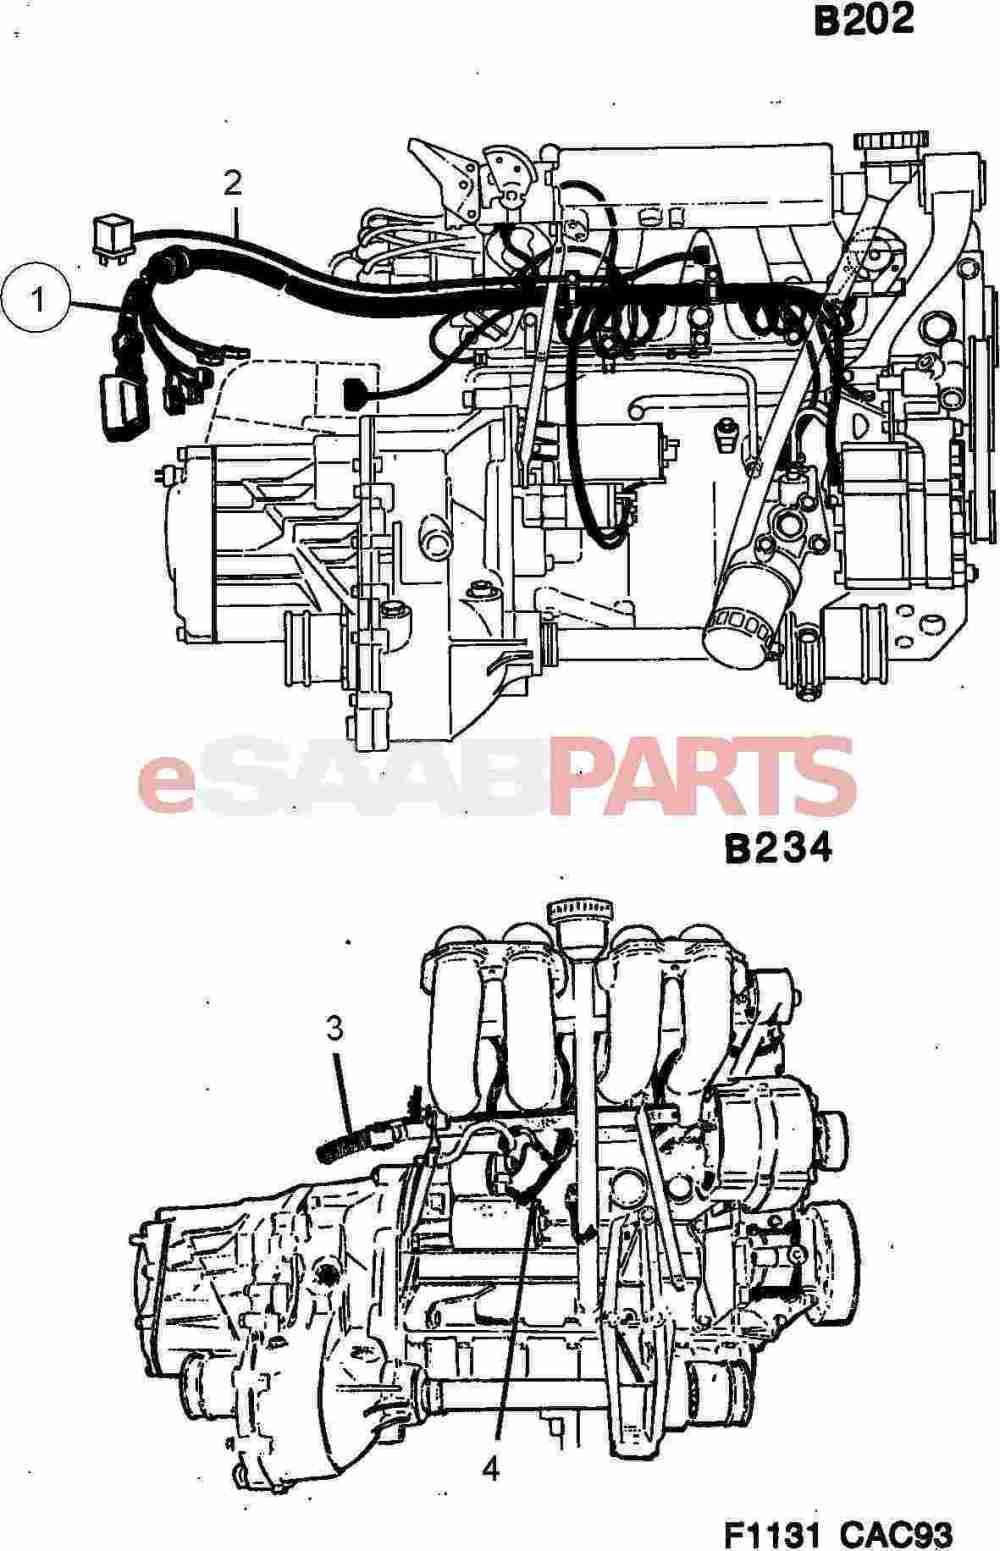 medium resolution of esaabparts com saab 9000 u003e electrical parts u003e wiring harness u003e engine saab 9000 engine wiring harness saab 9000 wiring harness